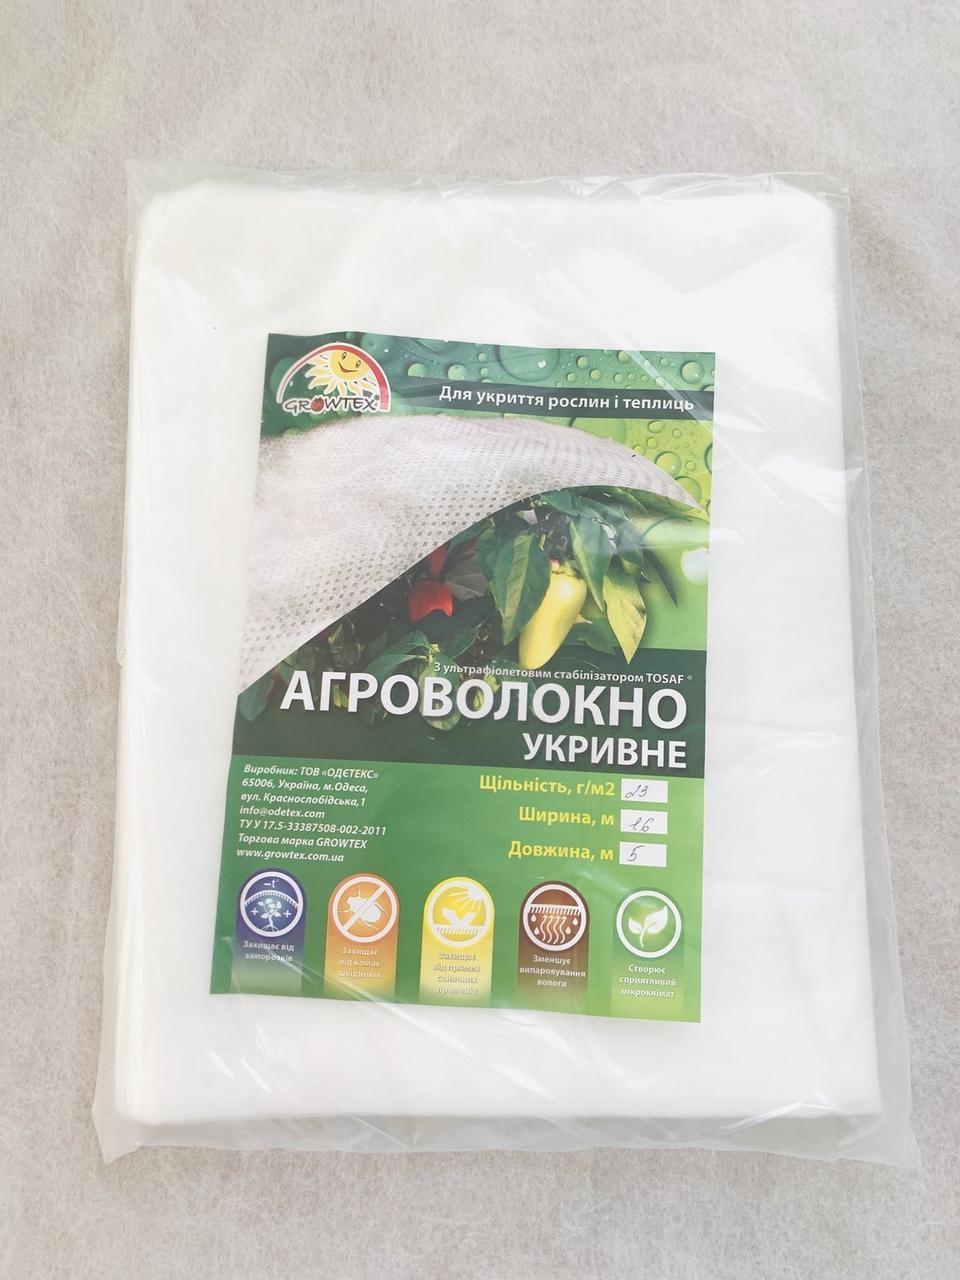 Агроволокно біле в пакеті 23 г/м2 1,6*5 м Одетекс